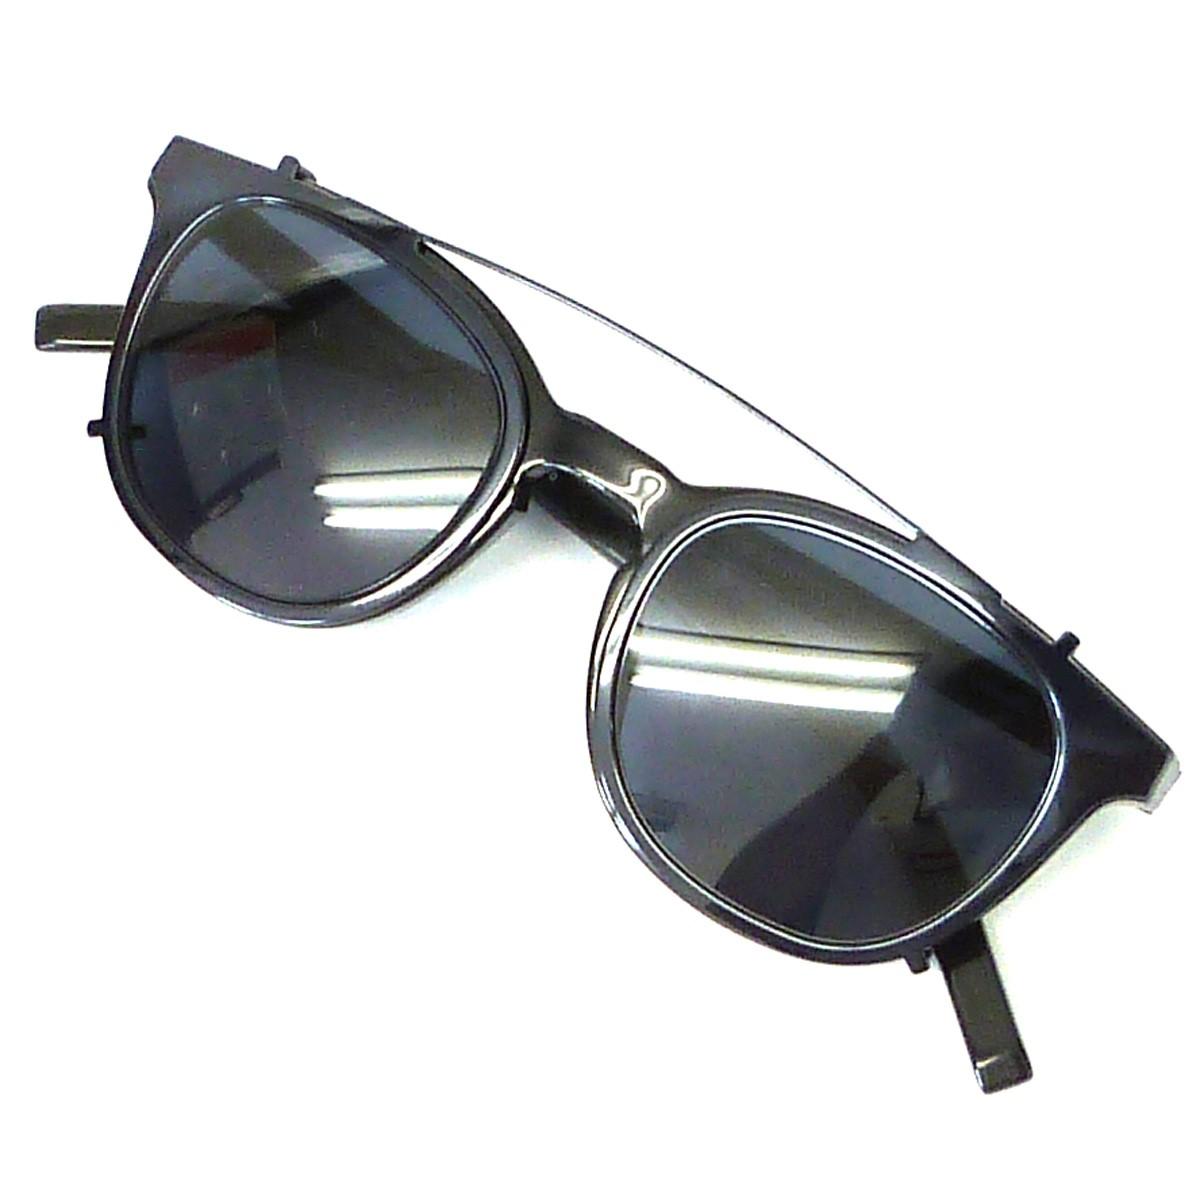 【中古】Dior Homme 「BLACKTIE238S」クリップオンサングラス付眼鏡 ブラック サイズ:- 【011219】(ディオールオム)